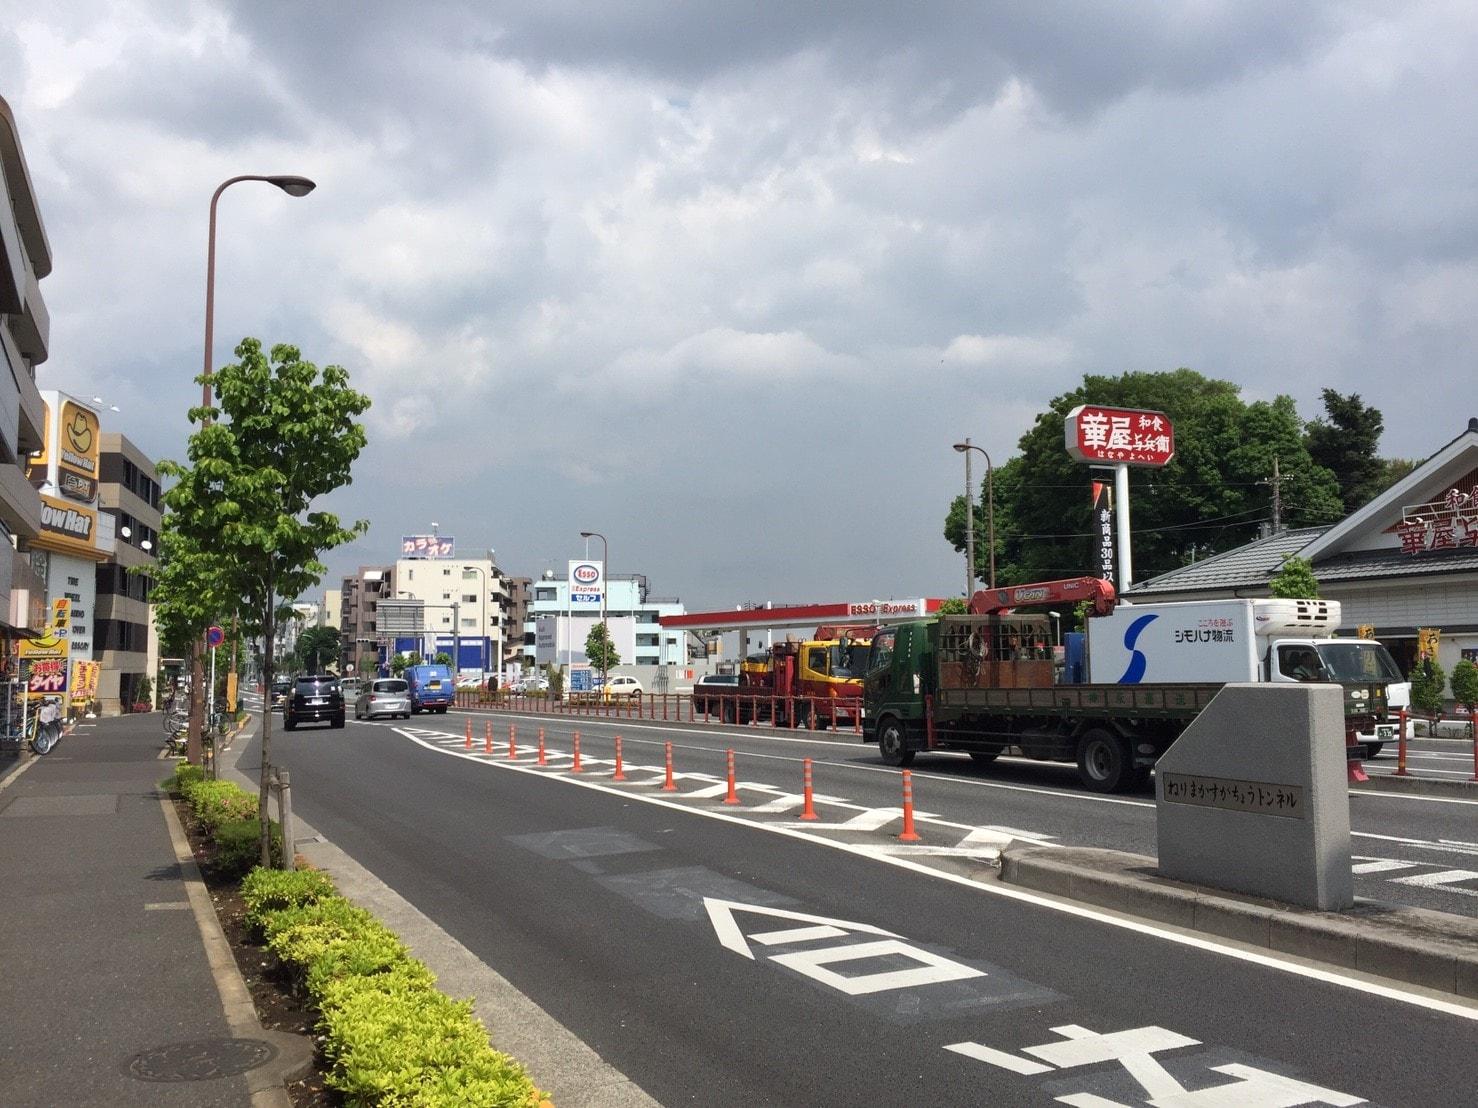 交通量が多い幹線道路の風景